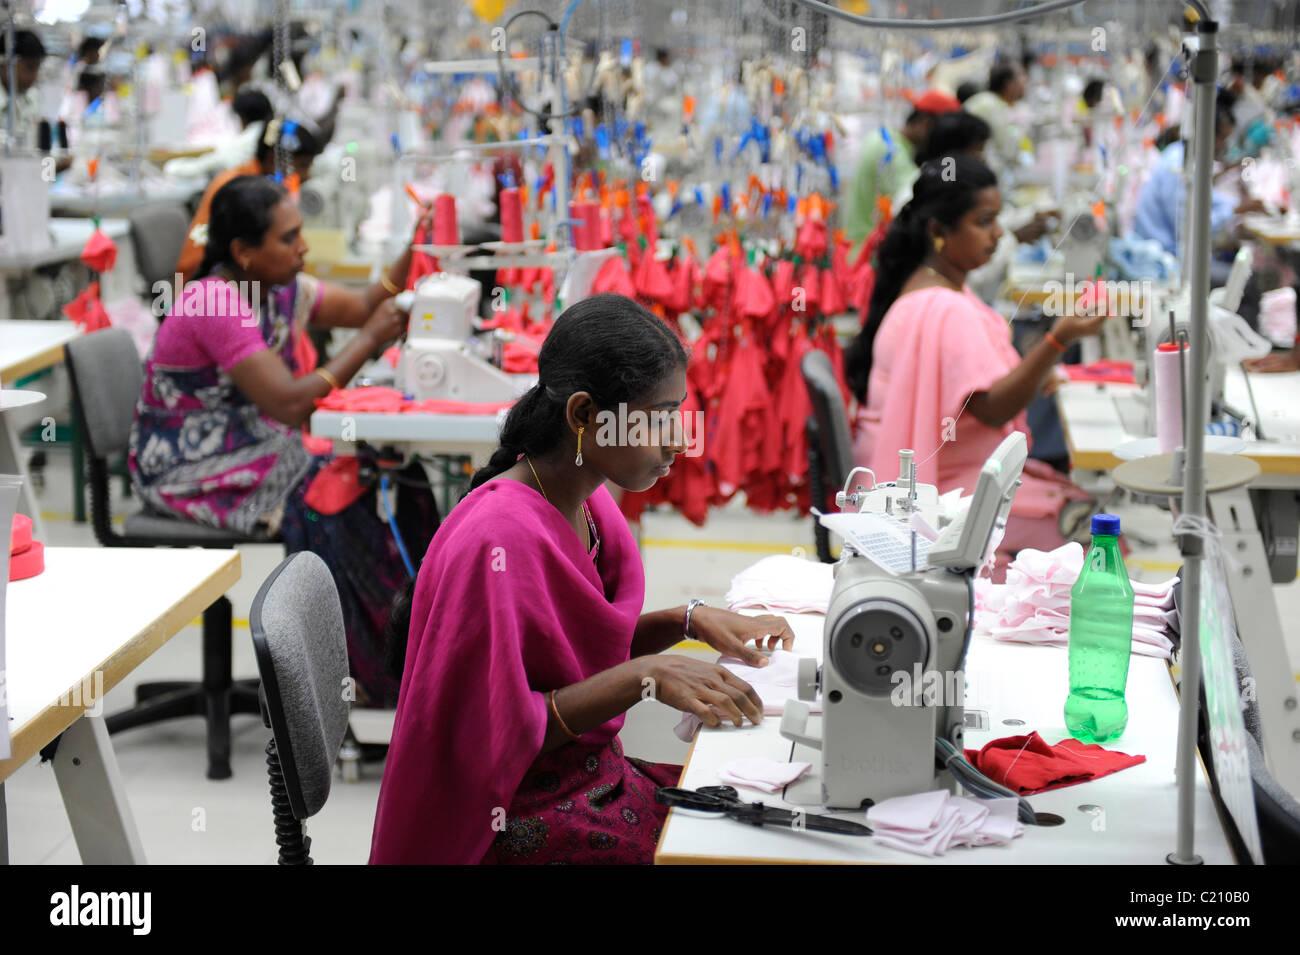 indien tamil nadu tirupur frauen in fair trade textil fabrik herstellung von kleidung und. Black Bedroom Furniture Sets. Home Design Ideas